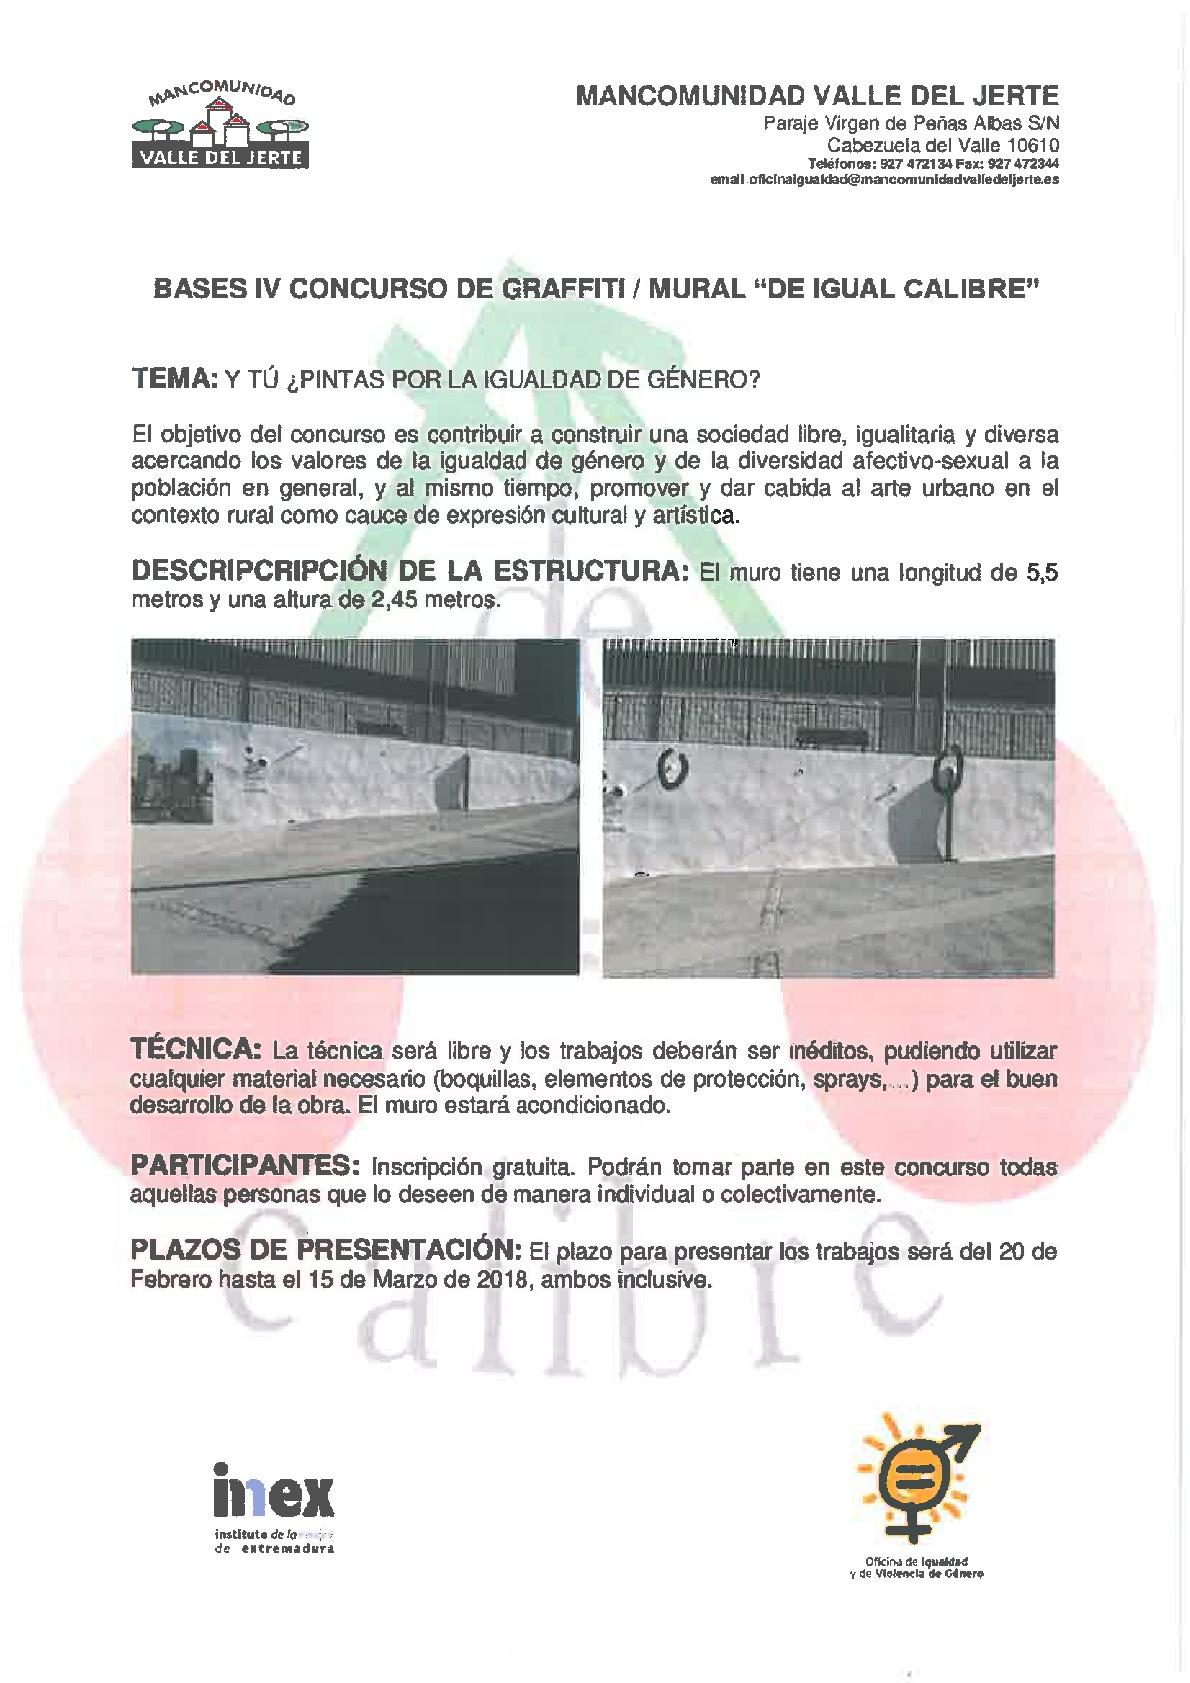 Bases-concurso-graffiti-2018-001